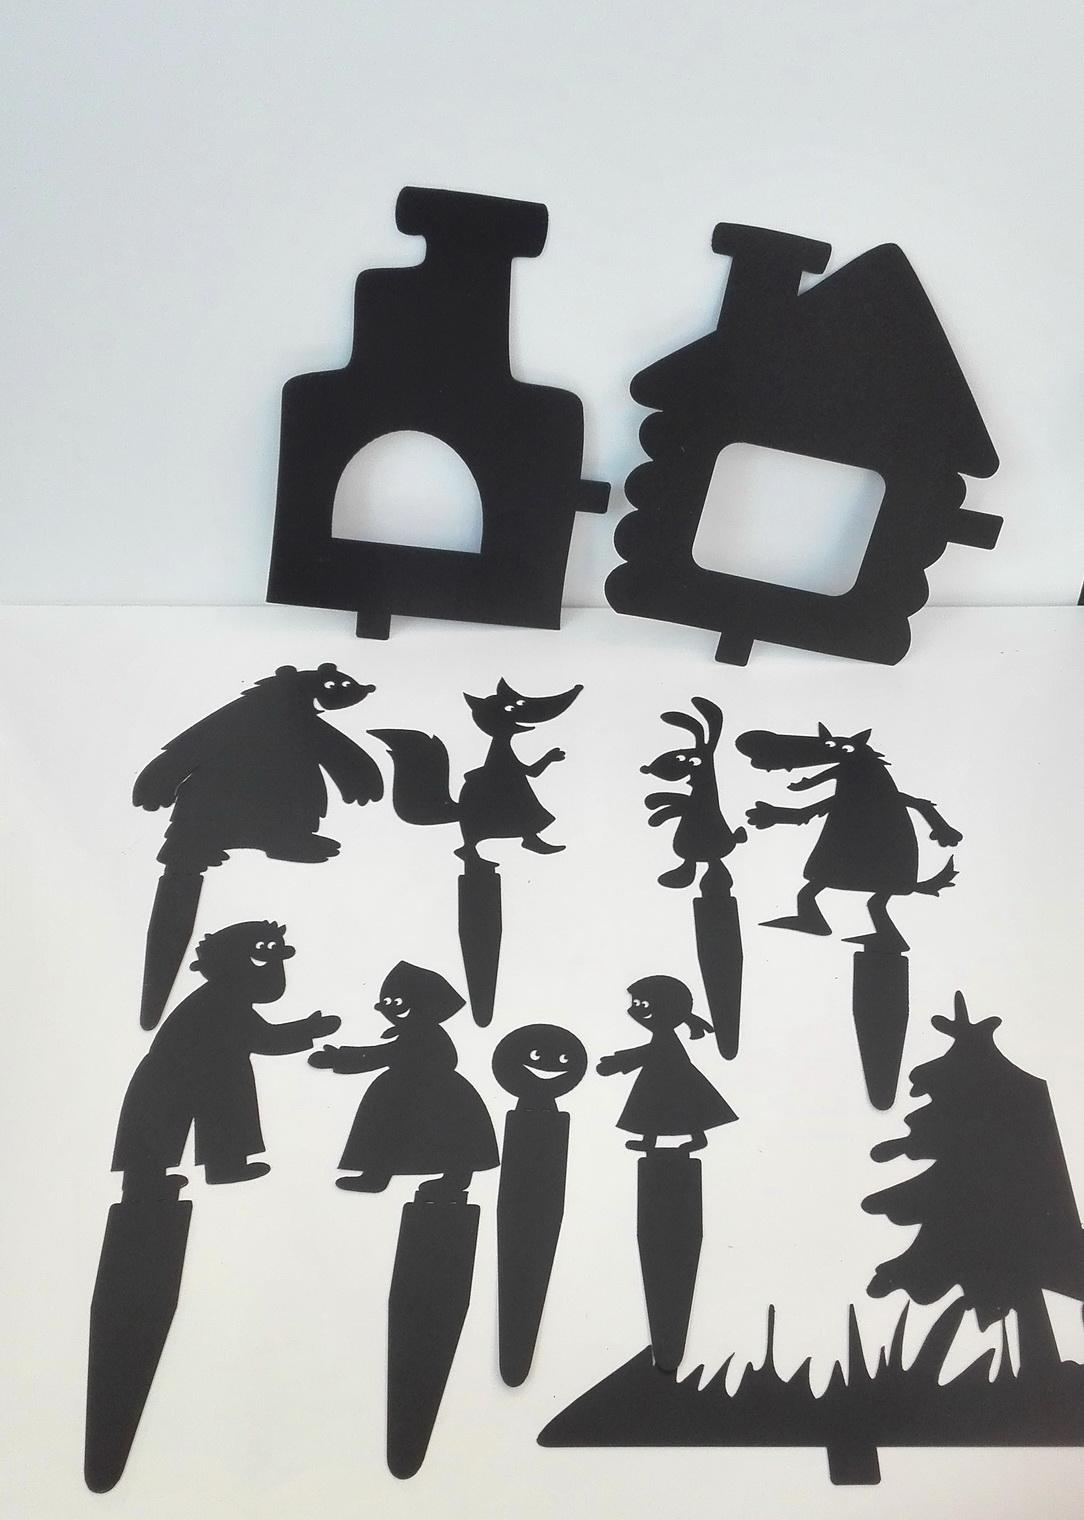 Колобок - набор для теневого театра